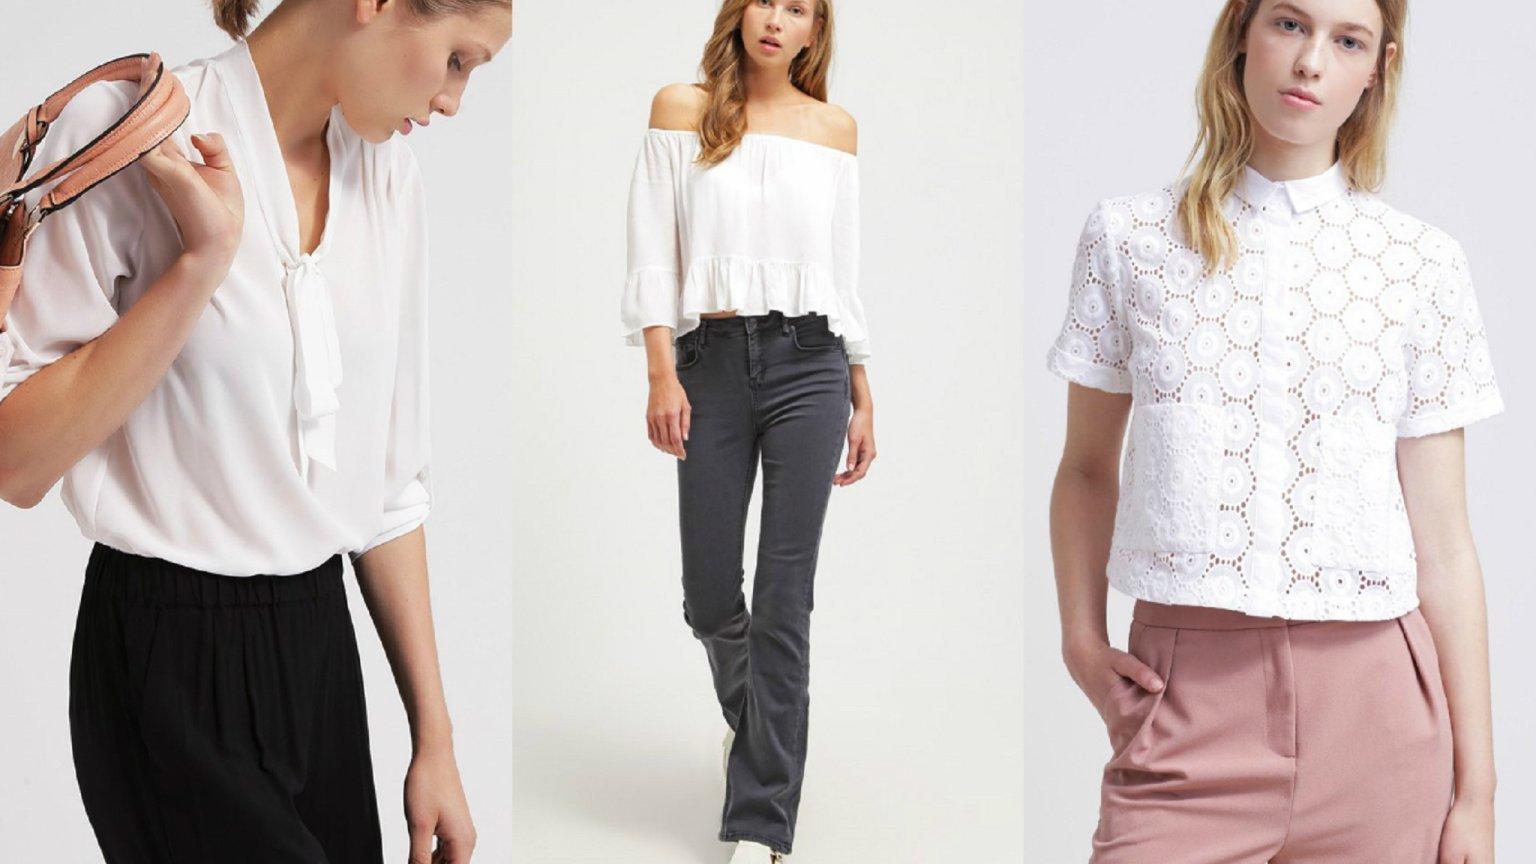 Poważnie Biała bluzka - 30 najciekawszych modeli wyłapanych z sieci UV67